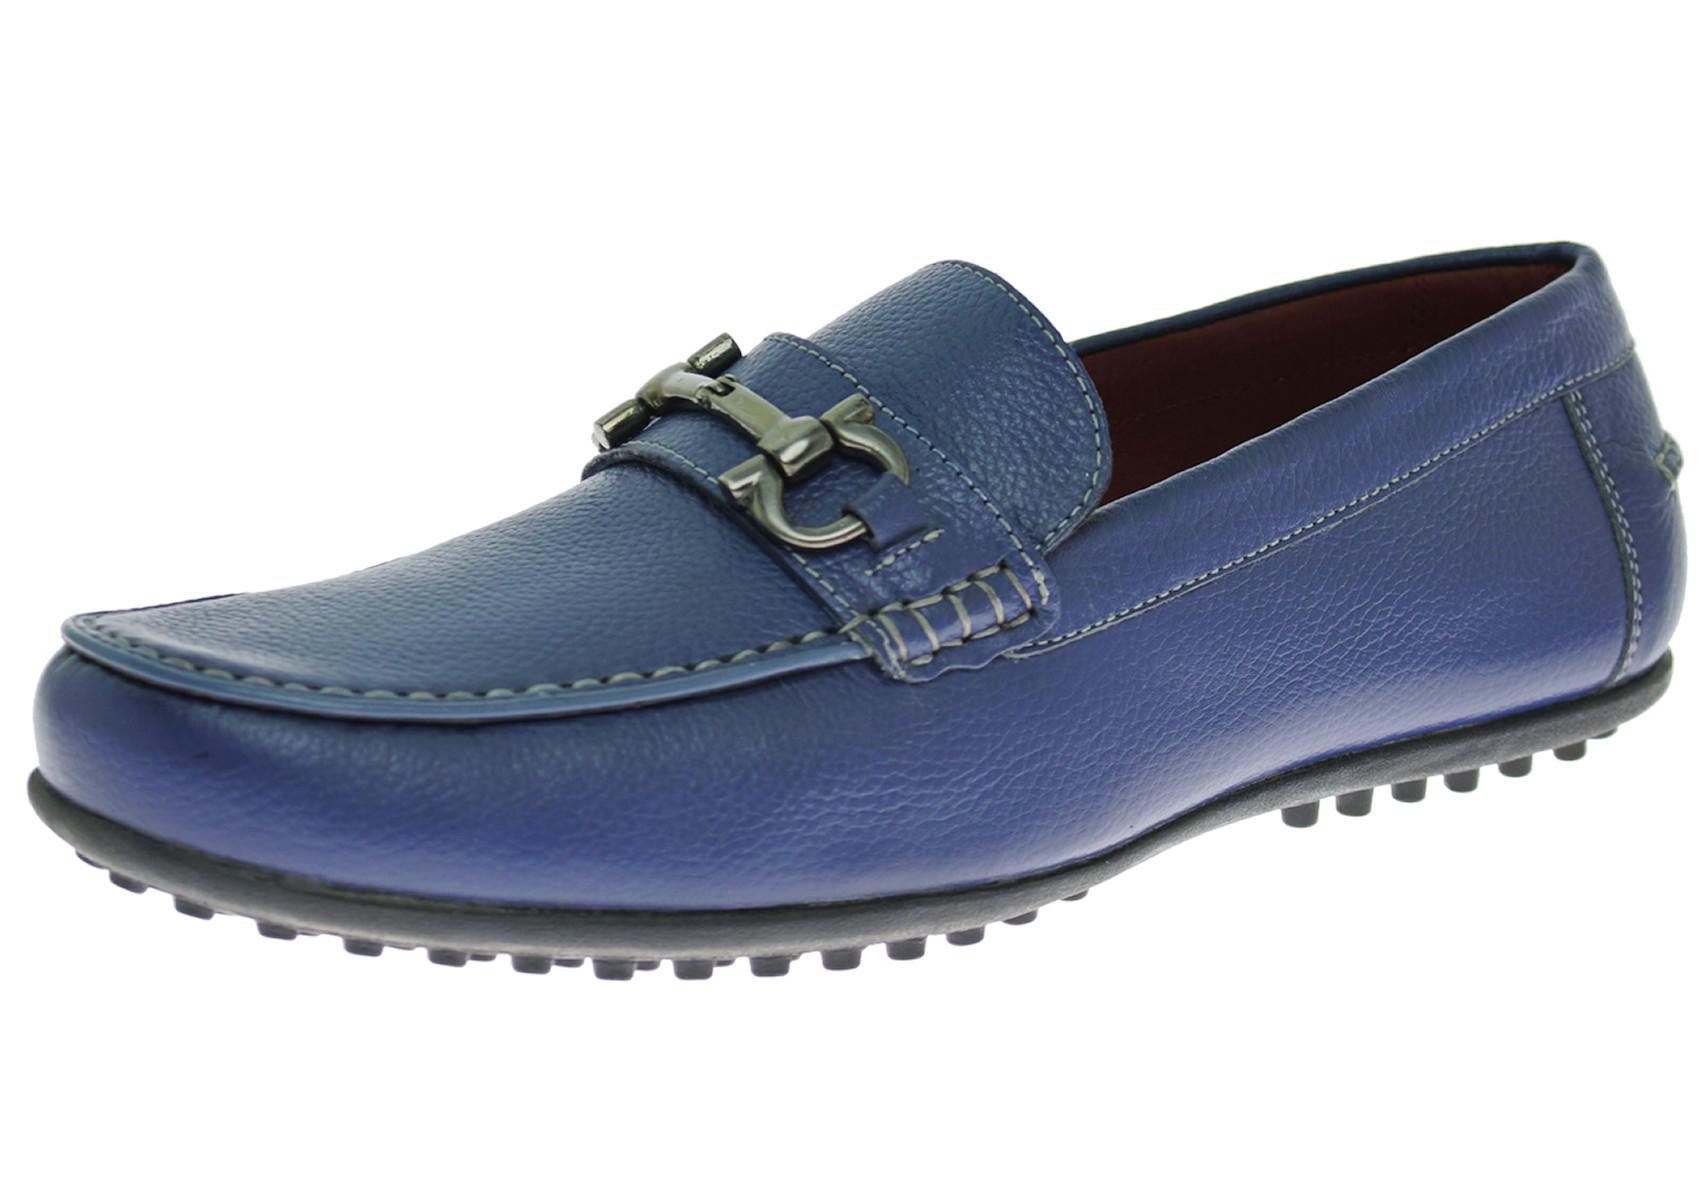 Mens Luciano Natazzi Leather Shoe Kenzo - Image1